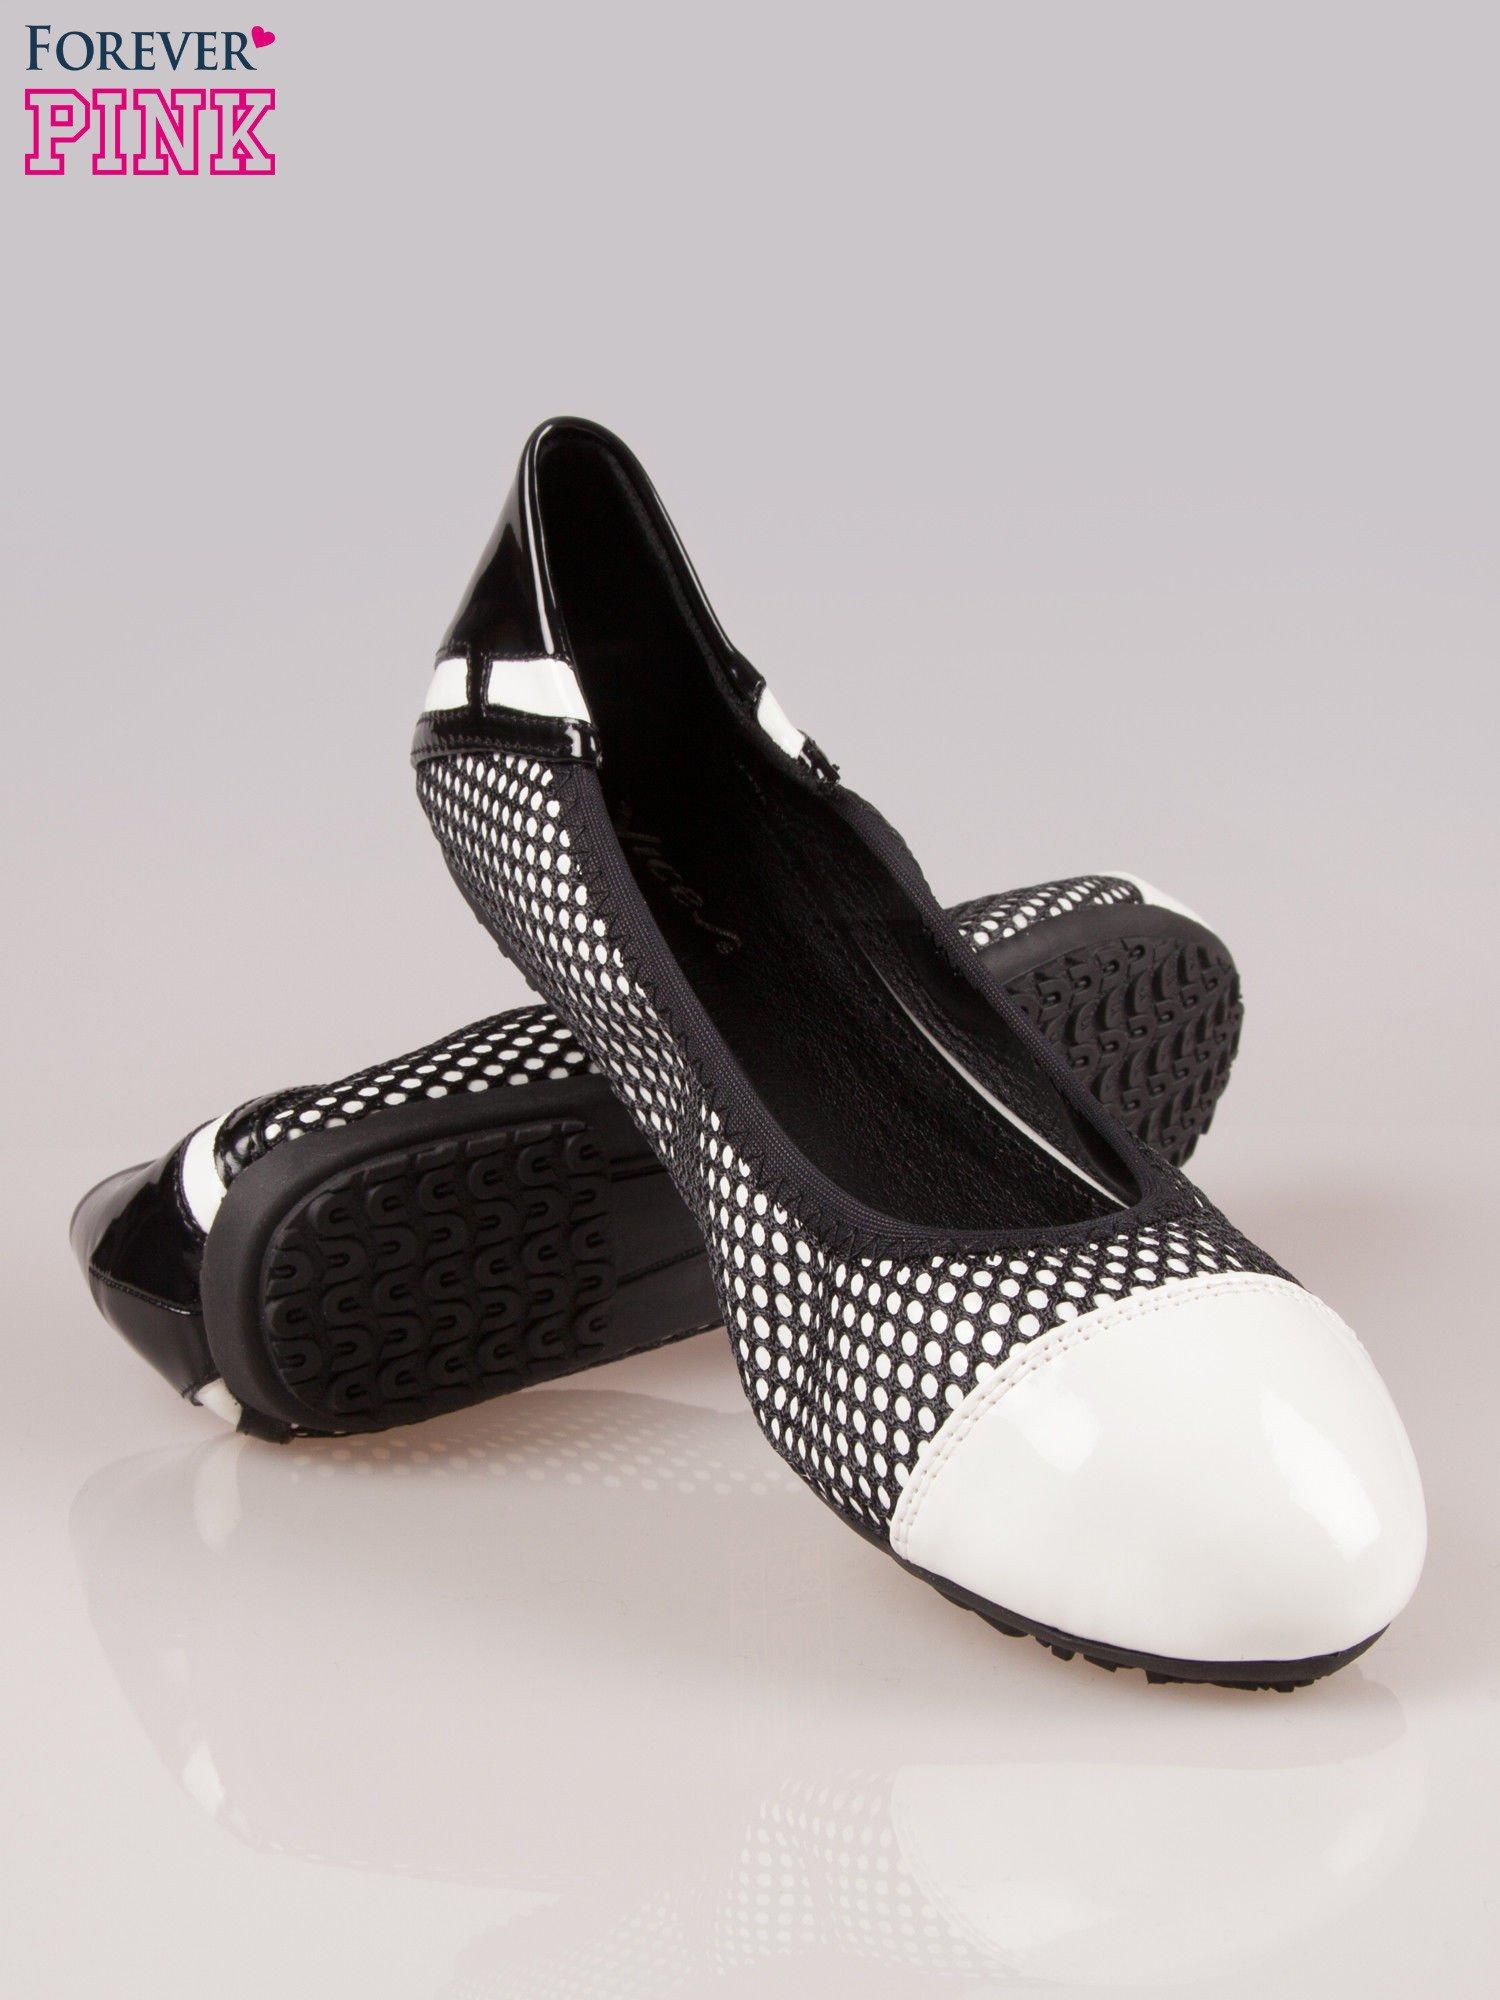 Białe siateczkowe baleriny faux leather Selena na gumkę                                  zdj.                                  4